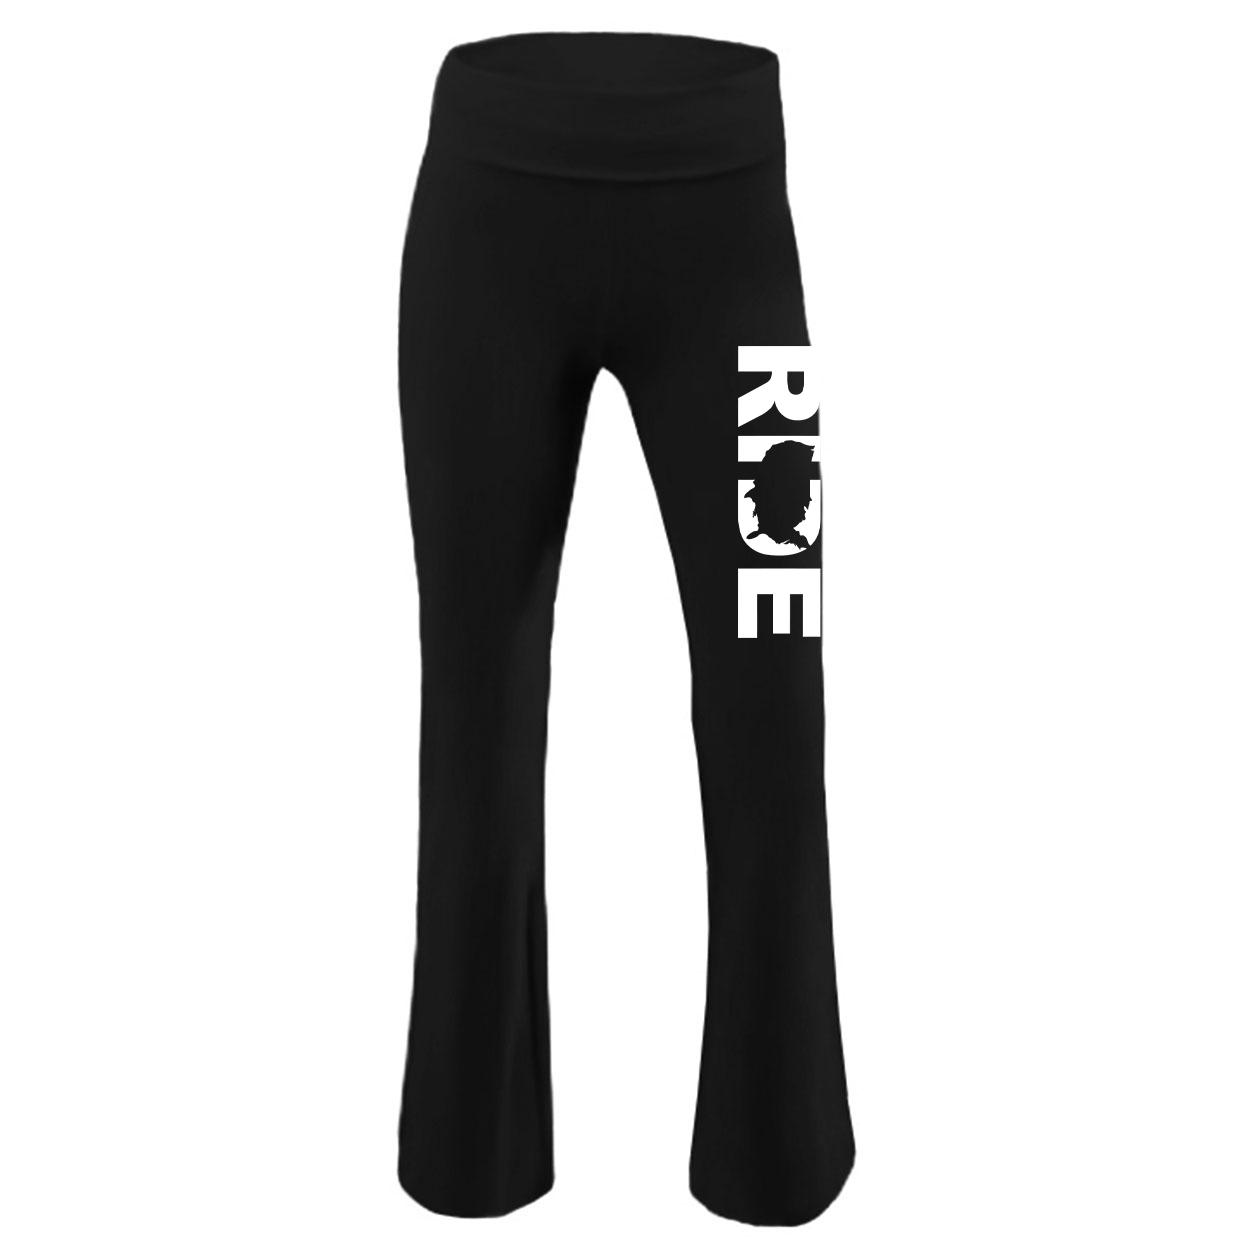 Ride United States Classic Youth Girls Yoga Pants Black (White Logo)